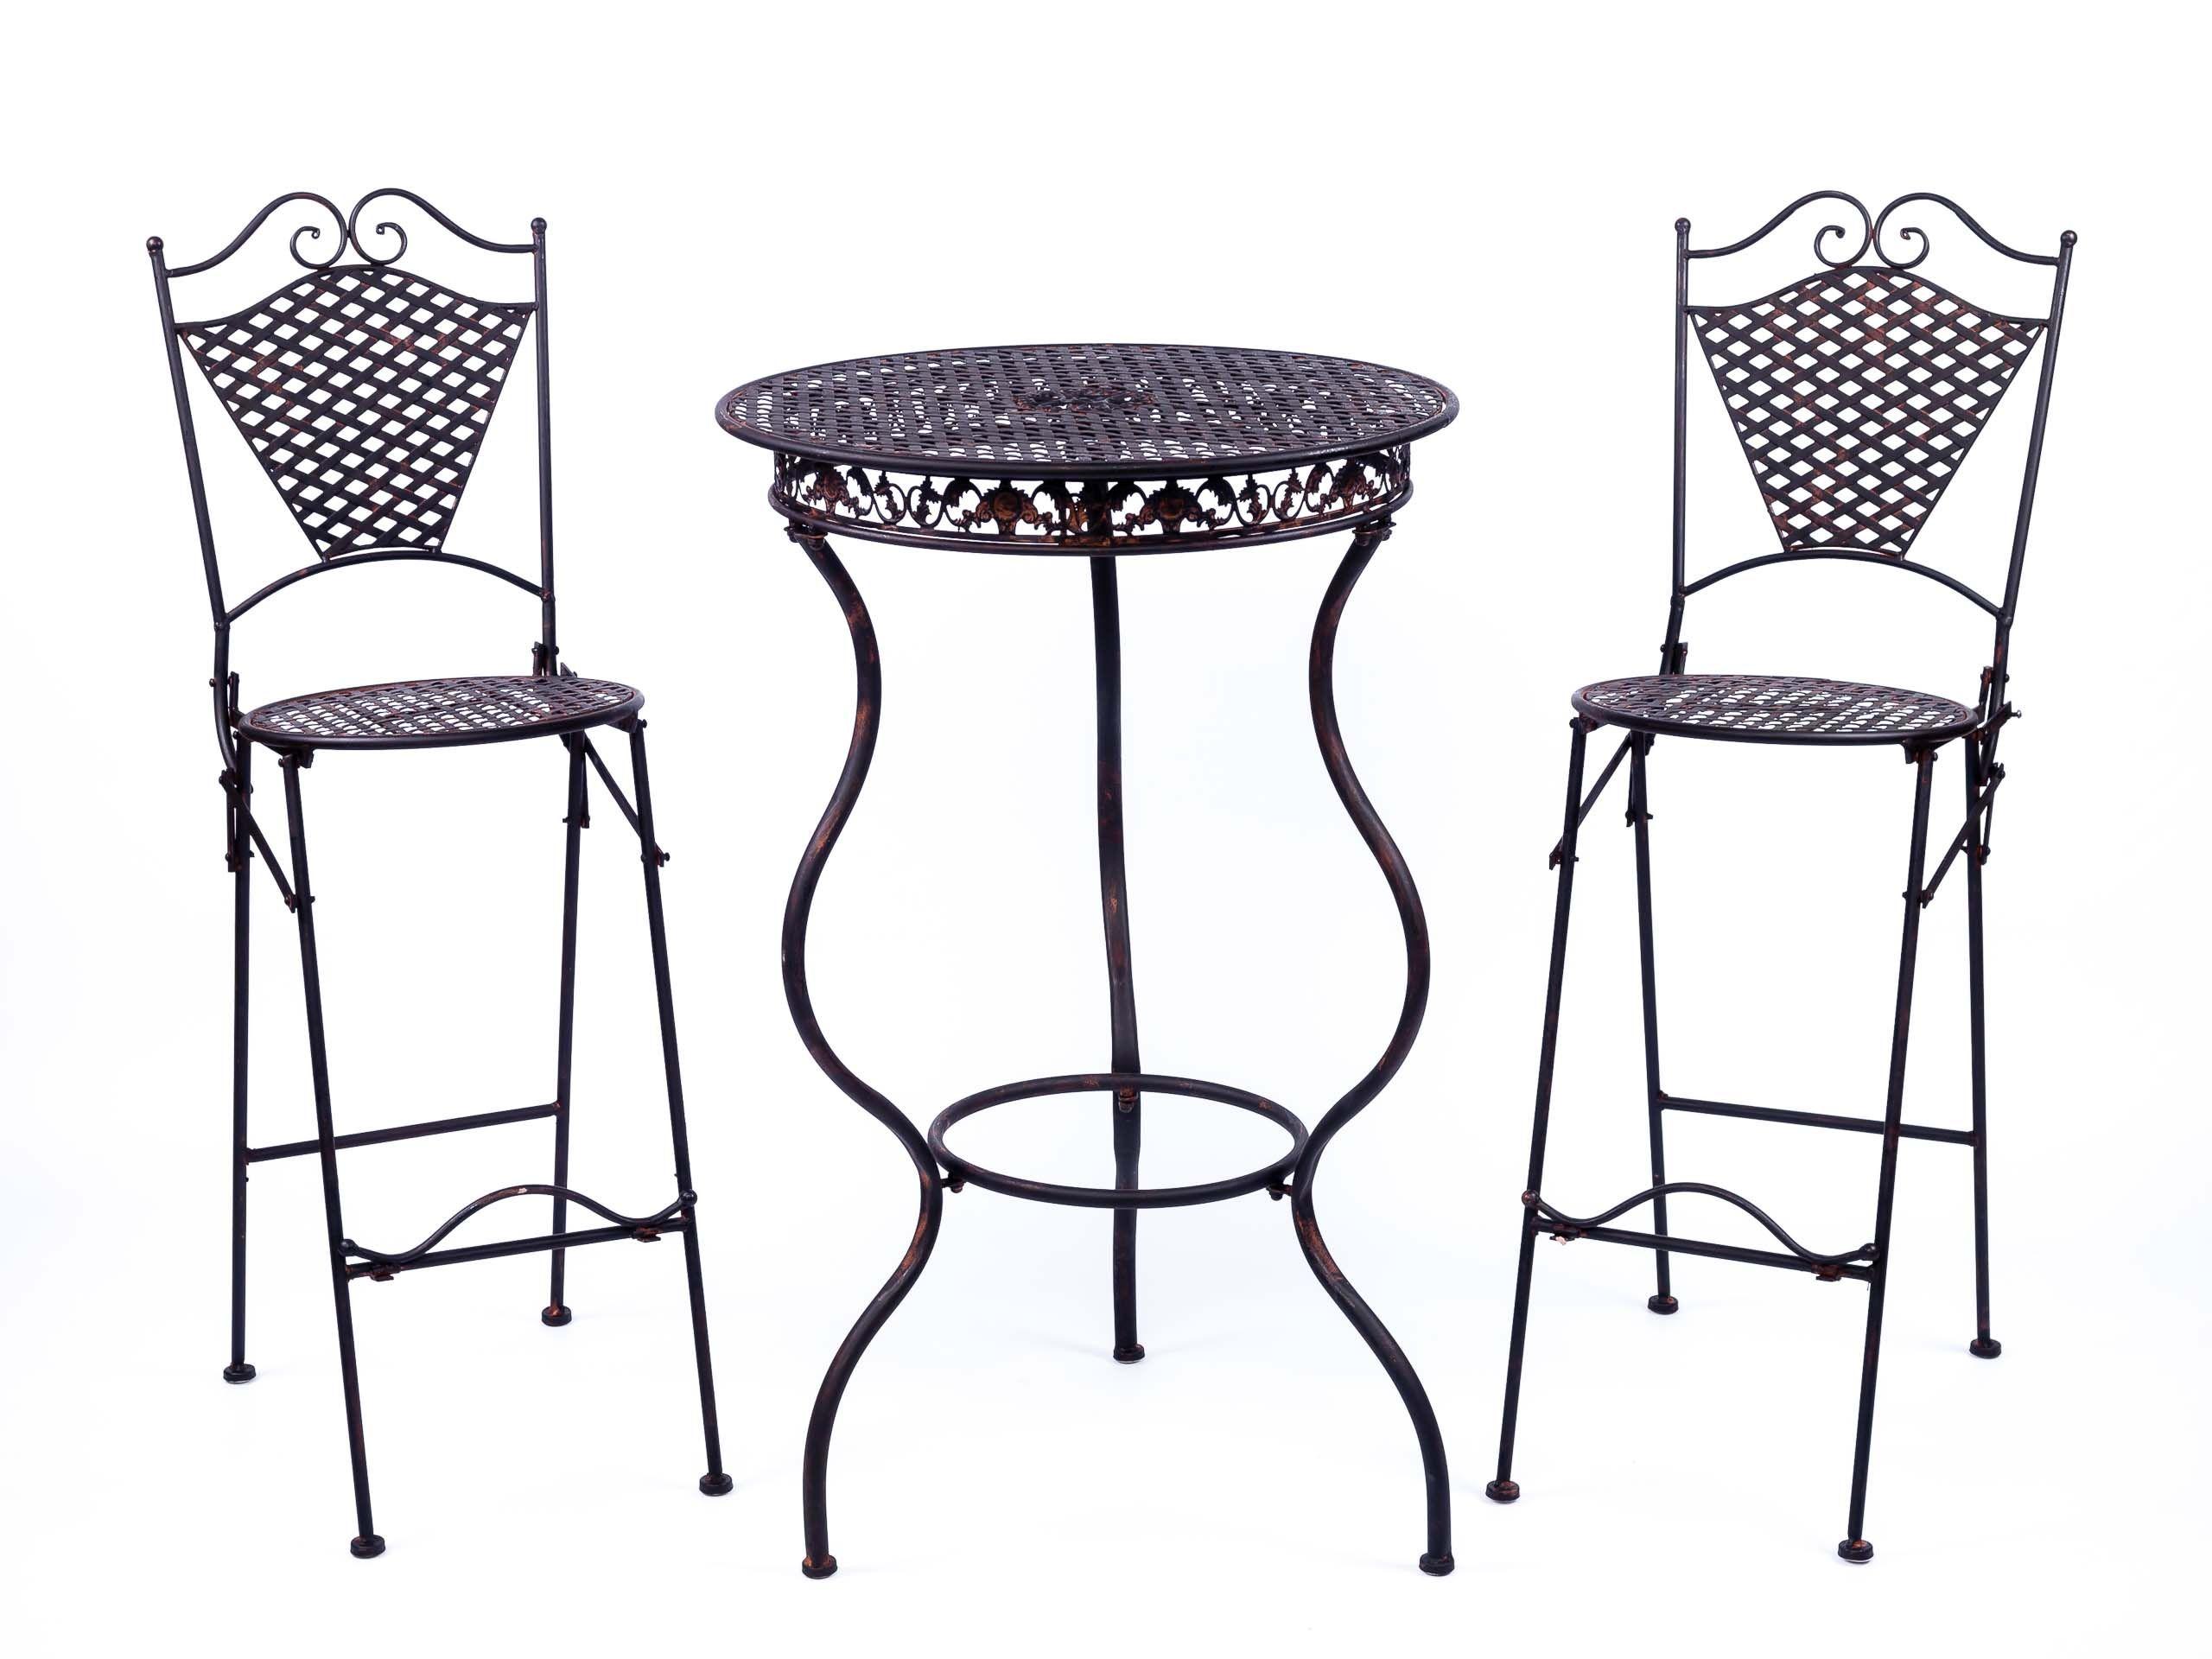 Gartenmobel Eisenmobel Stehtisch Mit Zwei Barhocker Antik Stil Eisen Braun Stehtisch Barhocker Eisenmobel